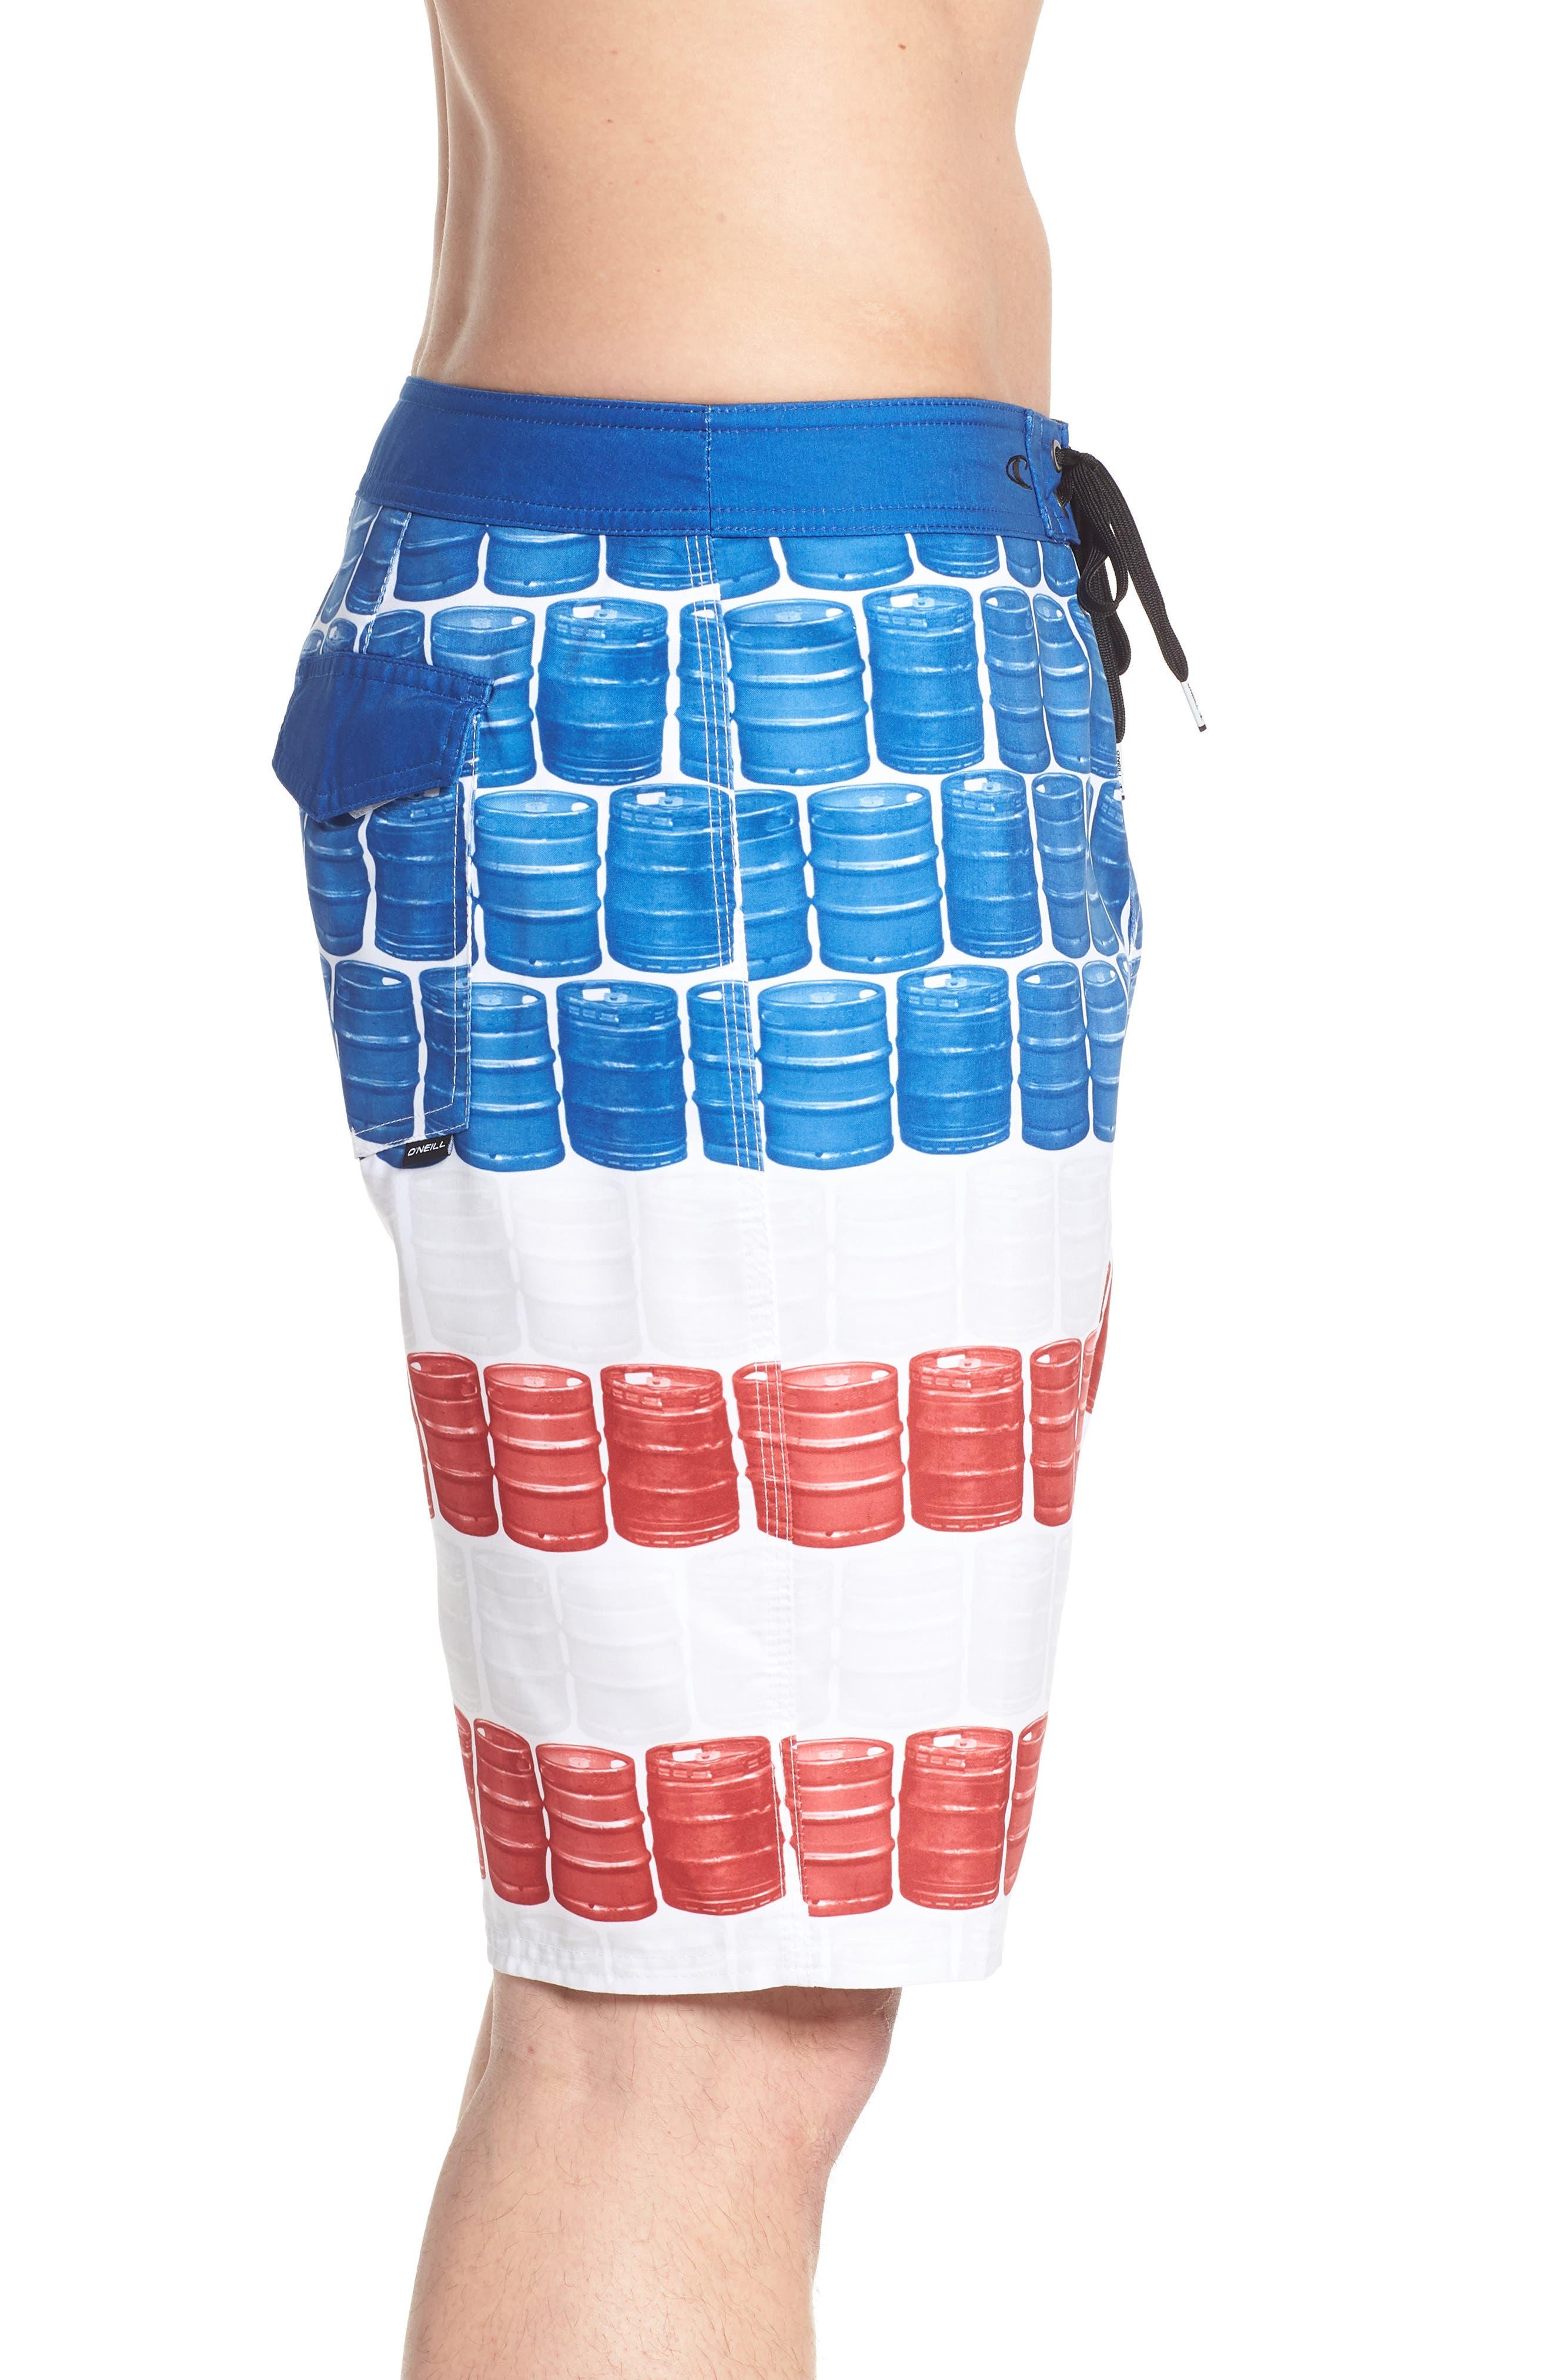 Kegleg Board Shorts,                             Alternate thumbnail 3, color,                             840